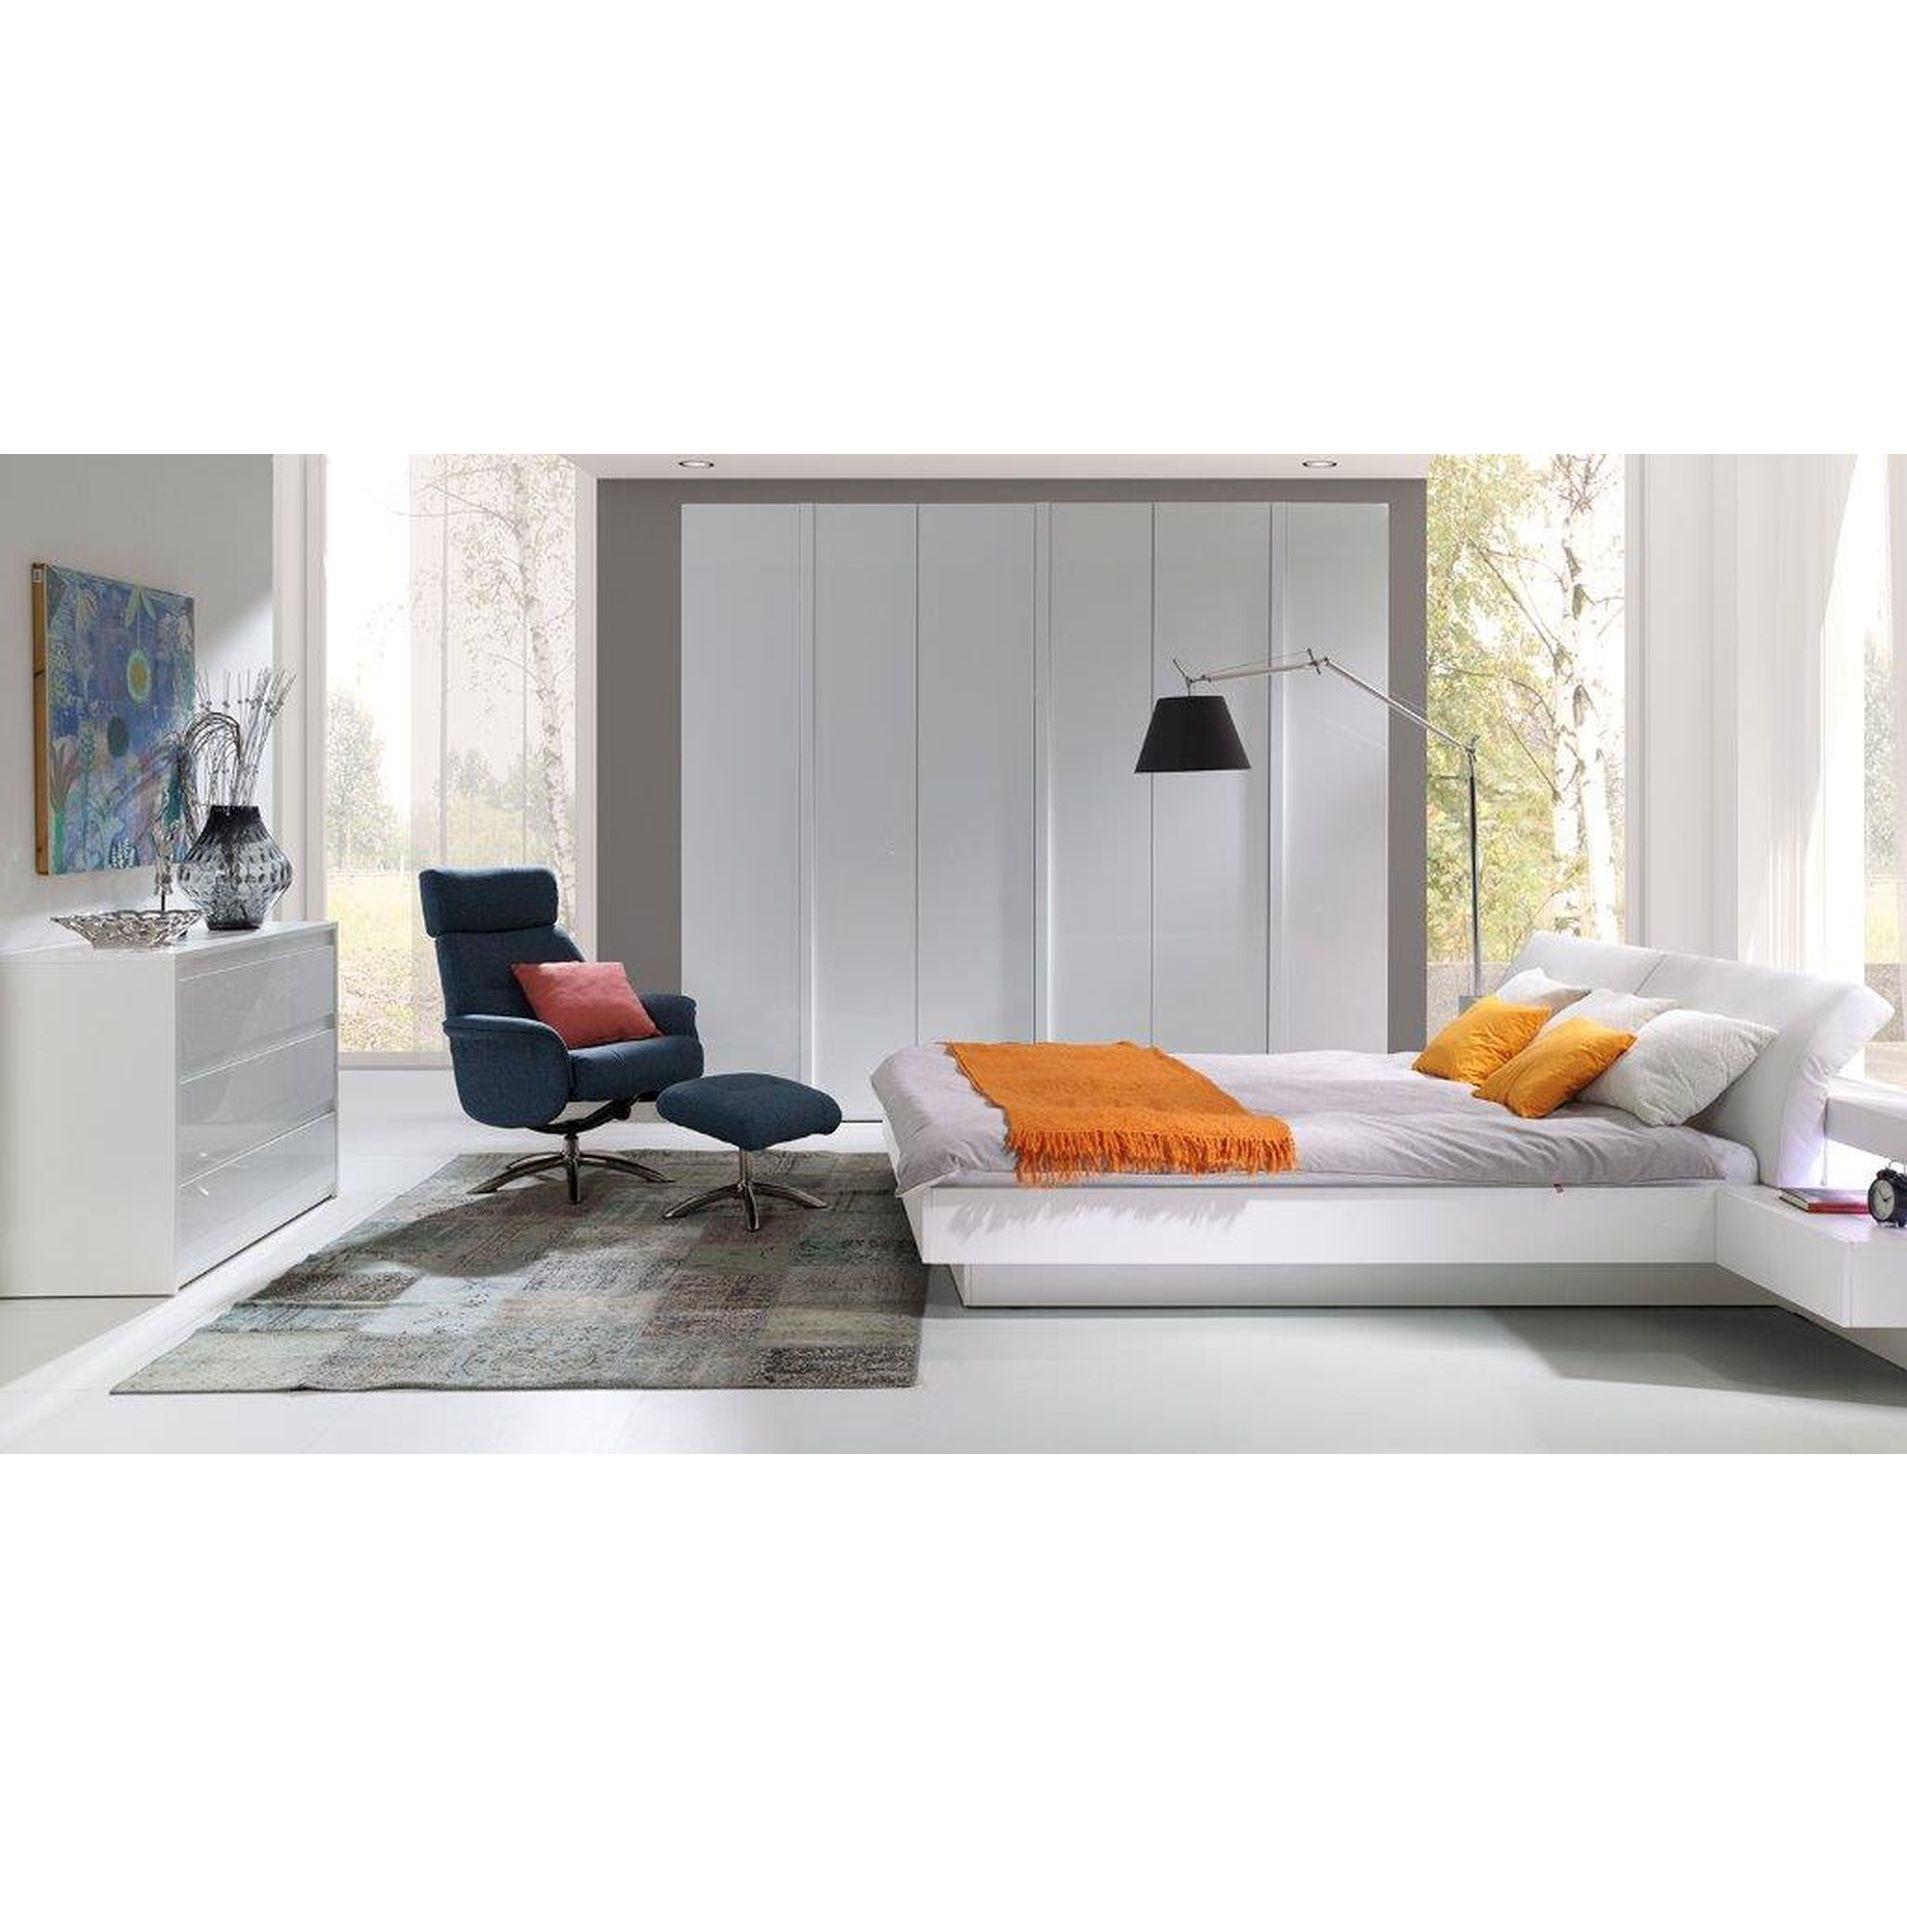 Full Size of Schlafzimmer Komplett Set D Thiva Komplette Küche Weiße Betten Mit überbau Lattenrost Und Matratze Kunstleder Sofa Weiß Lampe Badezimmer Hochschrank Schlafzimmer Schlafzimmer Komplett Weiß